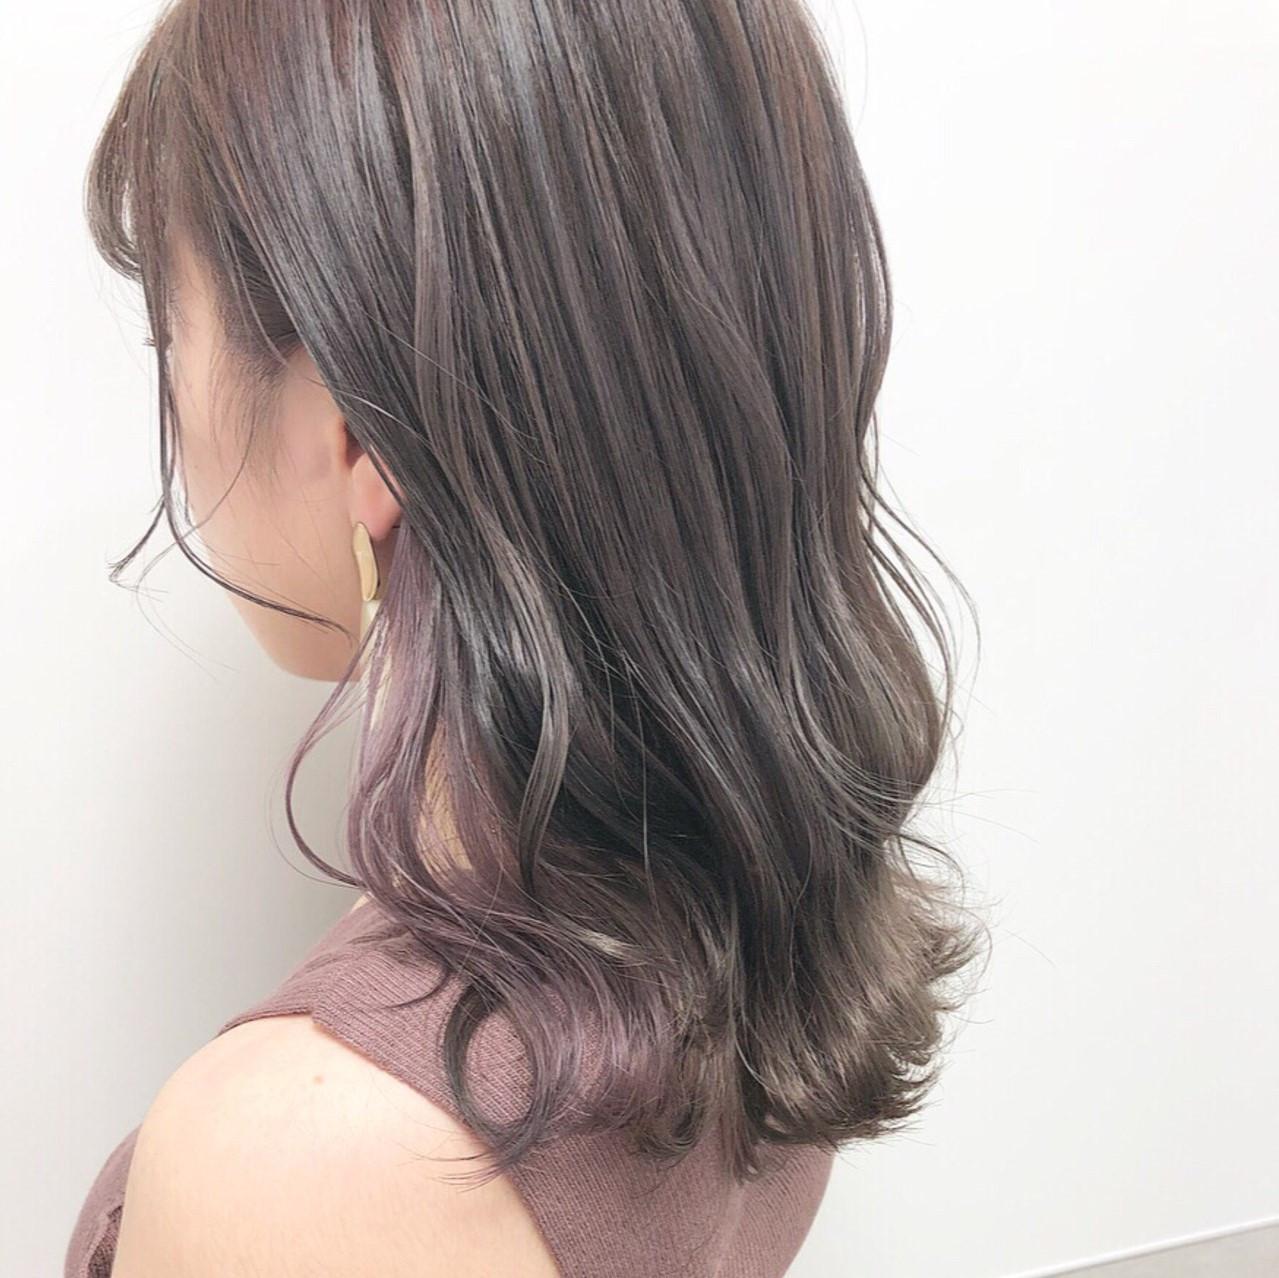 普段どうやって髪色を決める?迷ったときは「なりたい雰囲気」で選ぶヘアカラー集